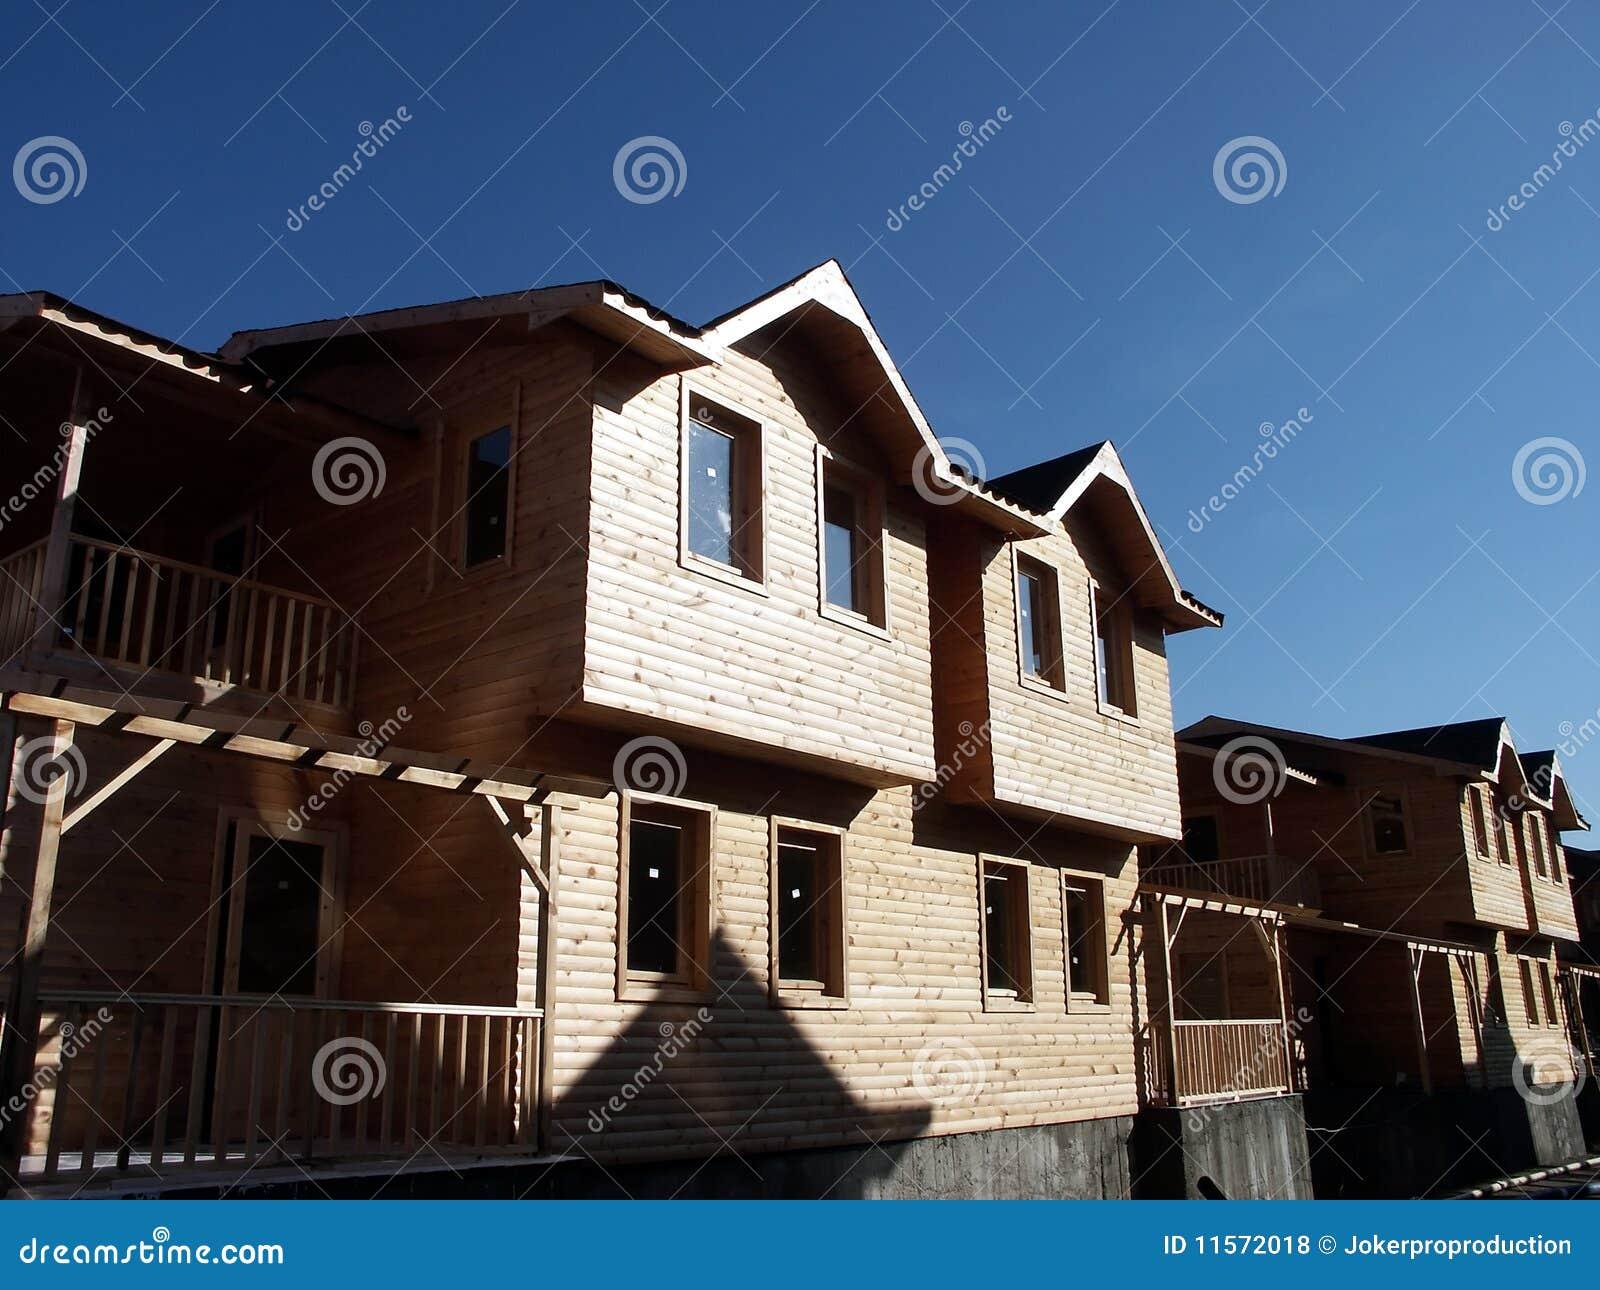 Casas de madera r sticas fotos de archivo libres de - Casa de madera rustica ...